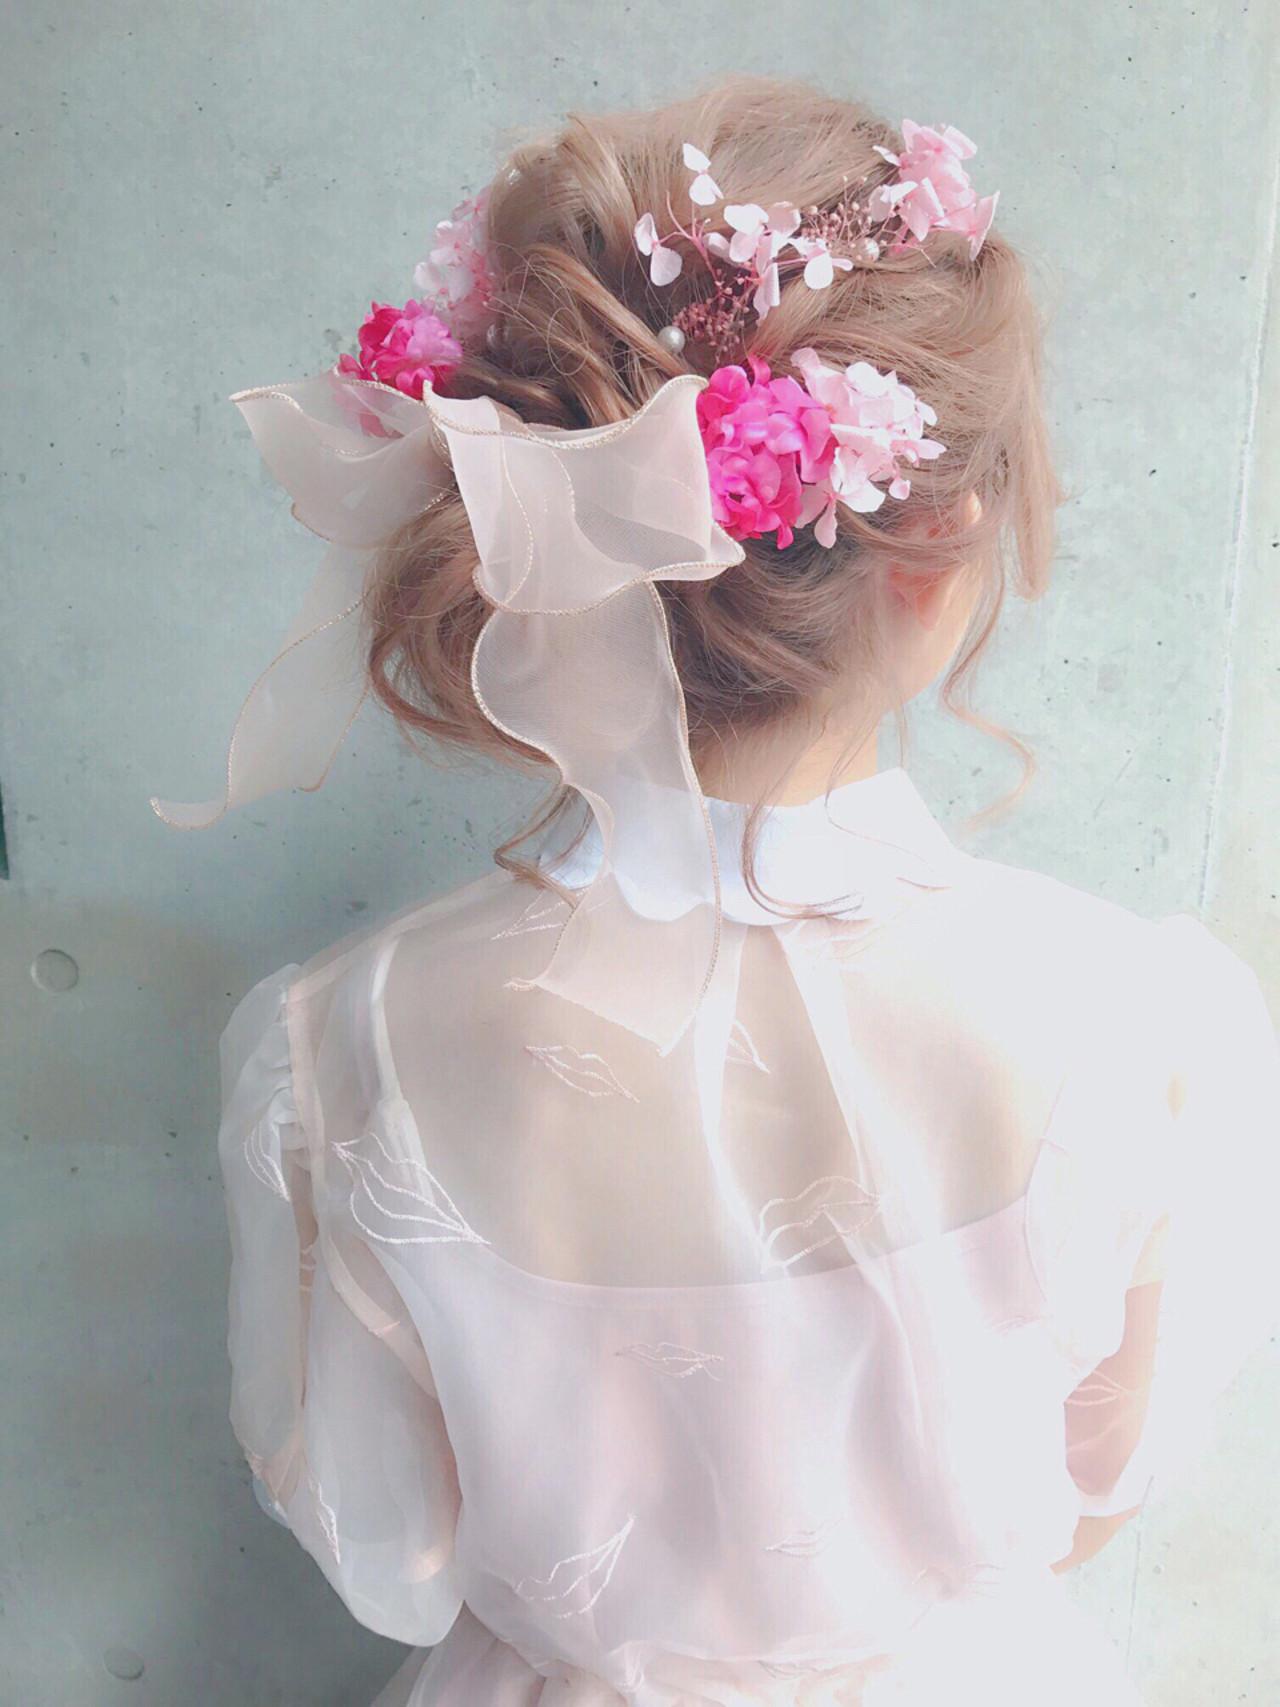 ミディアム ハーフアップ ゆるふわ ヘアアレンジ ヘアスタイルや髪型の写真・画像 | MOTAI / Wille / Wille